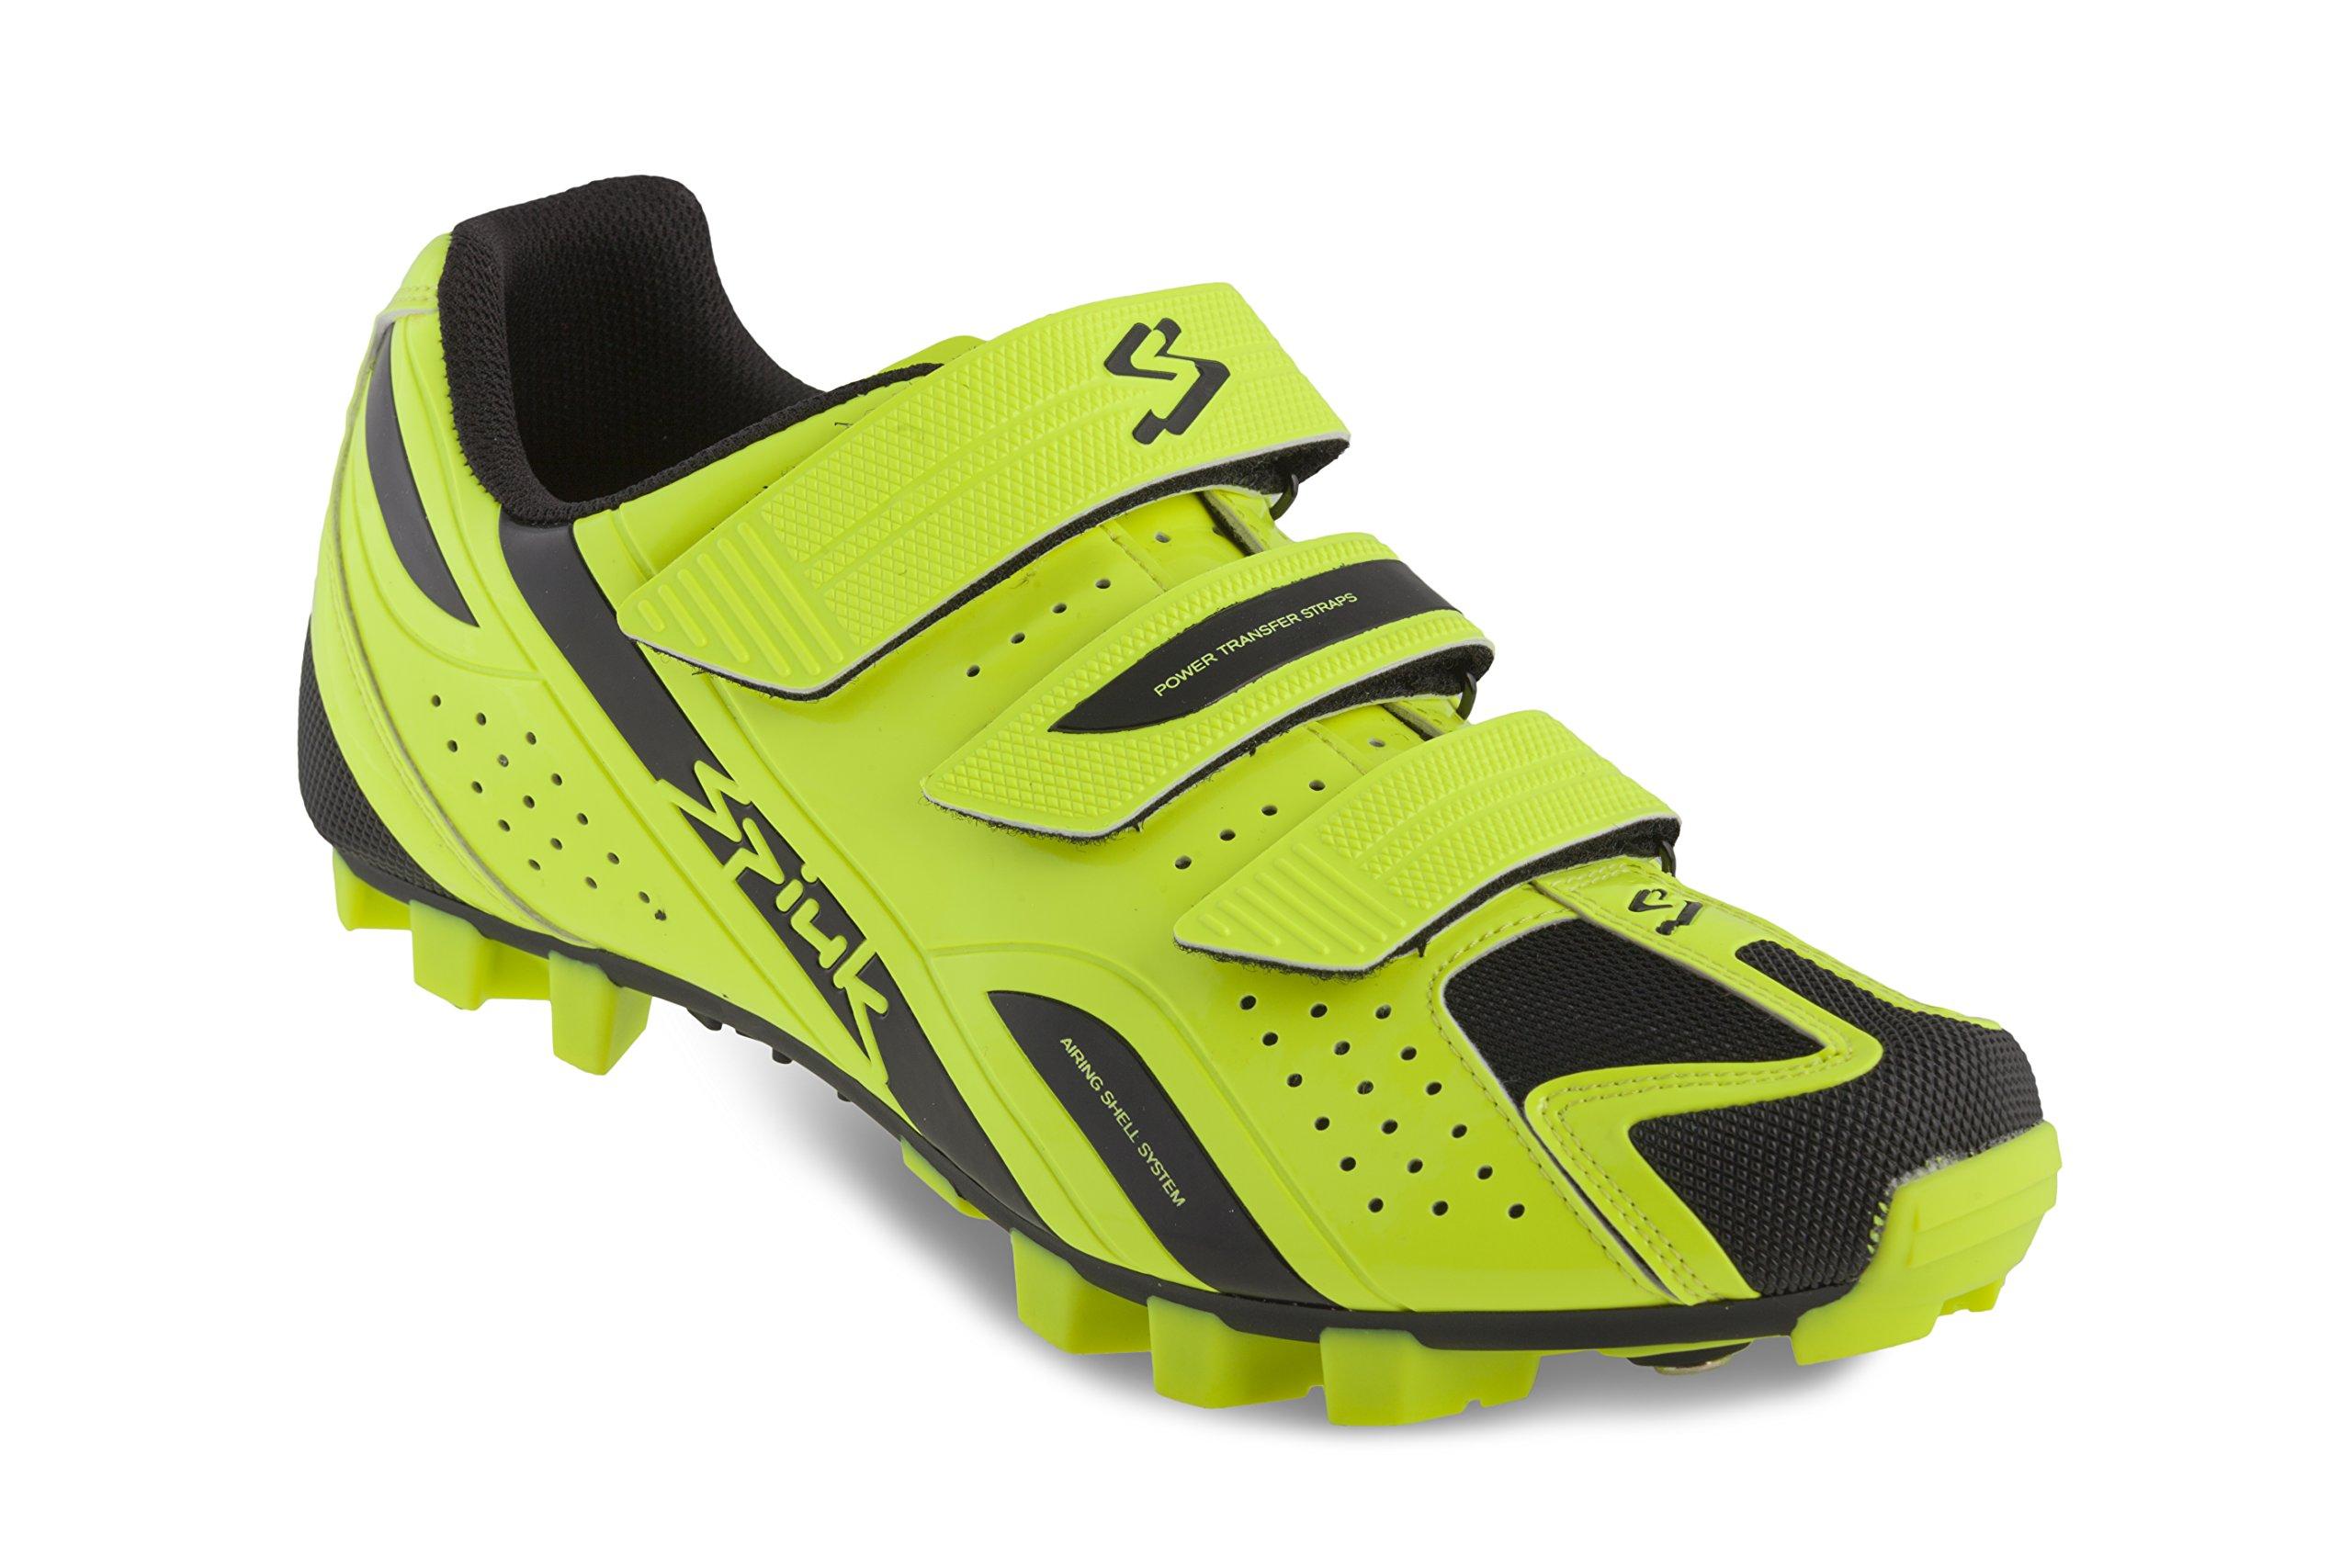 Spiuk Rocca MTB - Zapatillas Unisex, Color Amarillo/Negro, Talla 42 product image